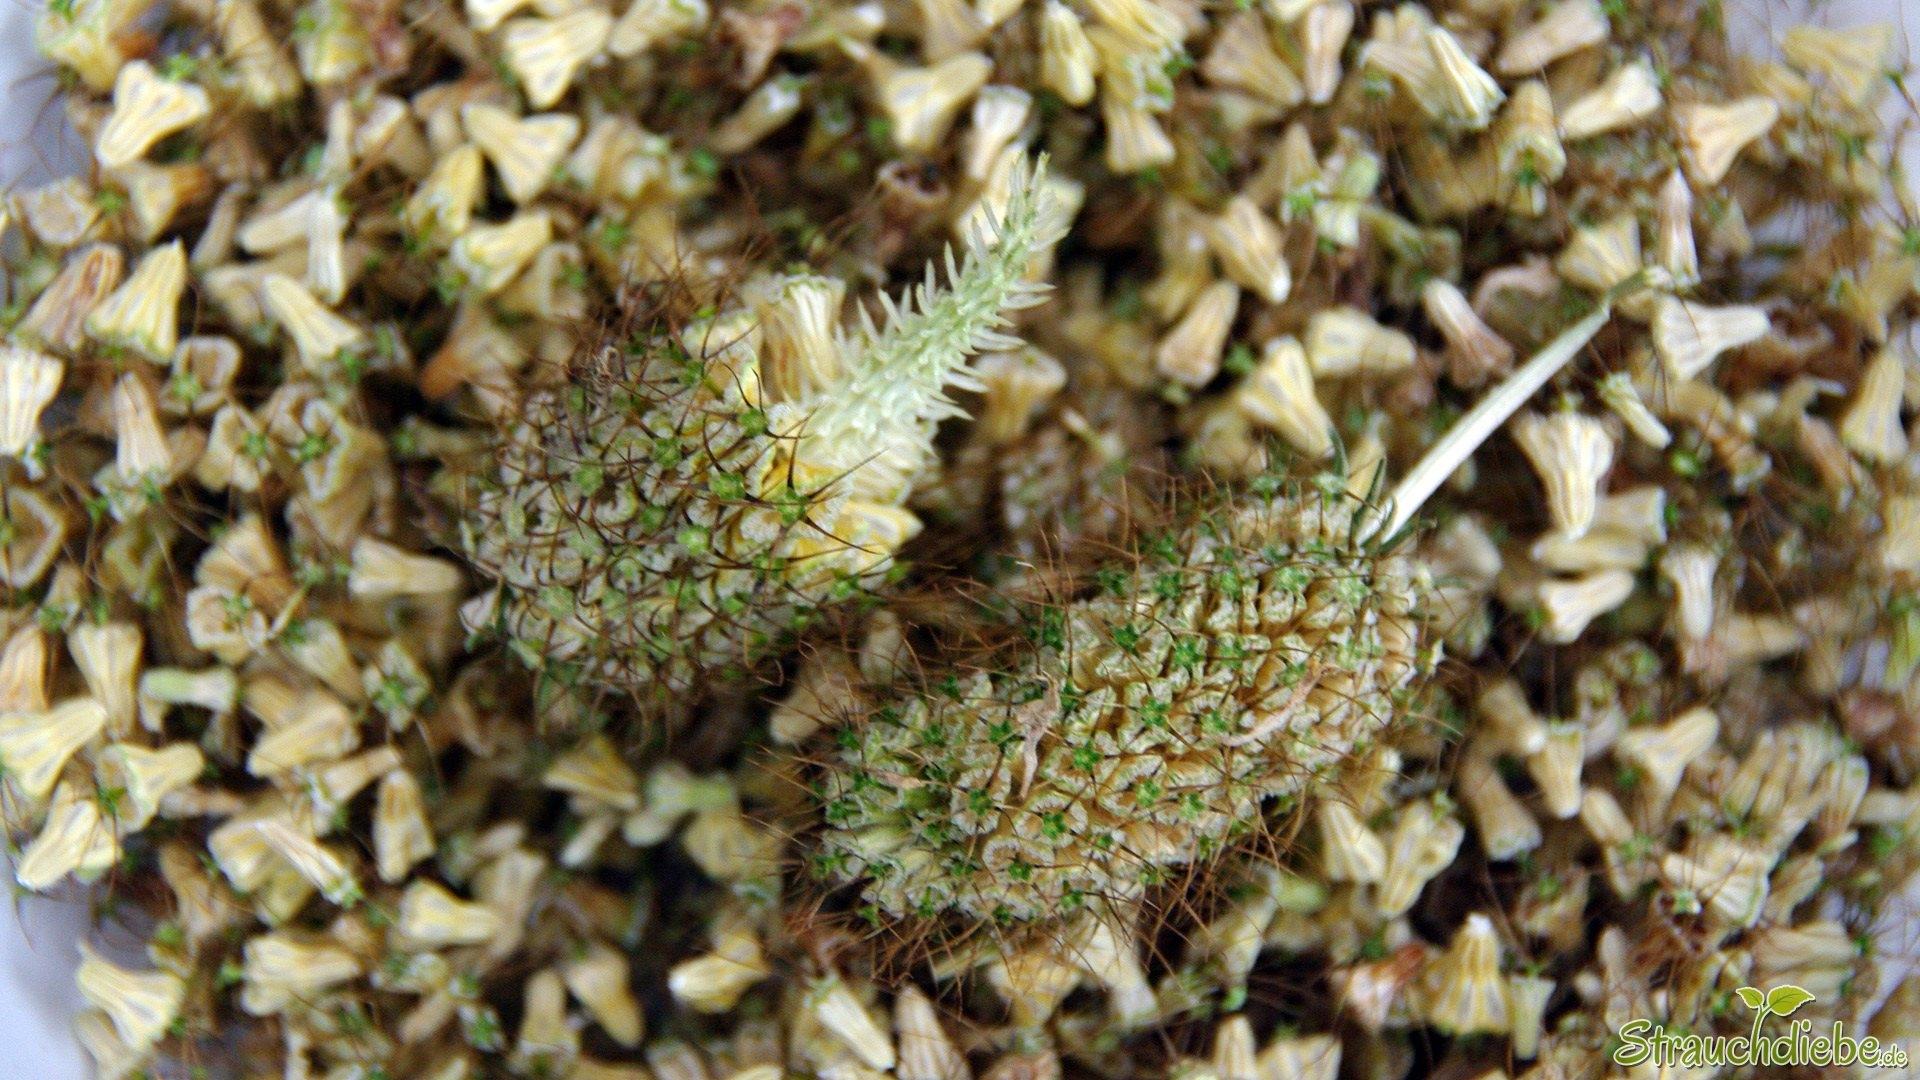 Tauben-Skabiose (Scabiosa columbaria)